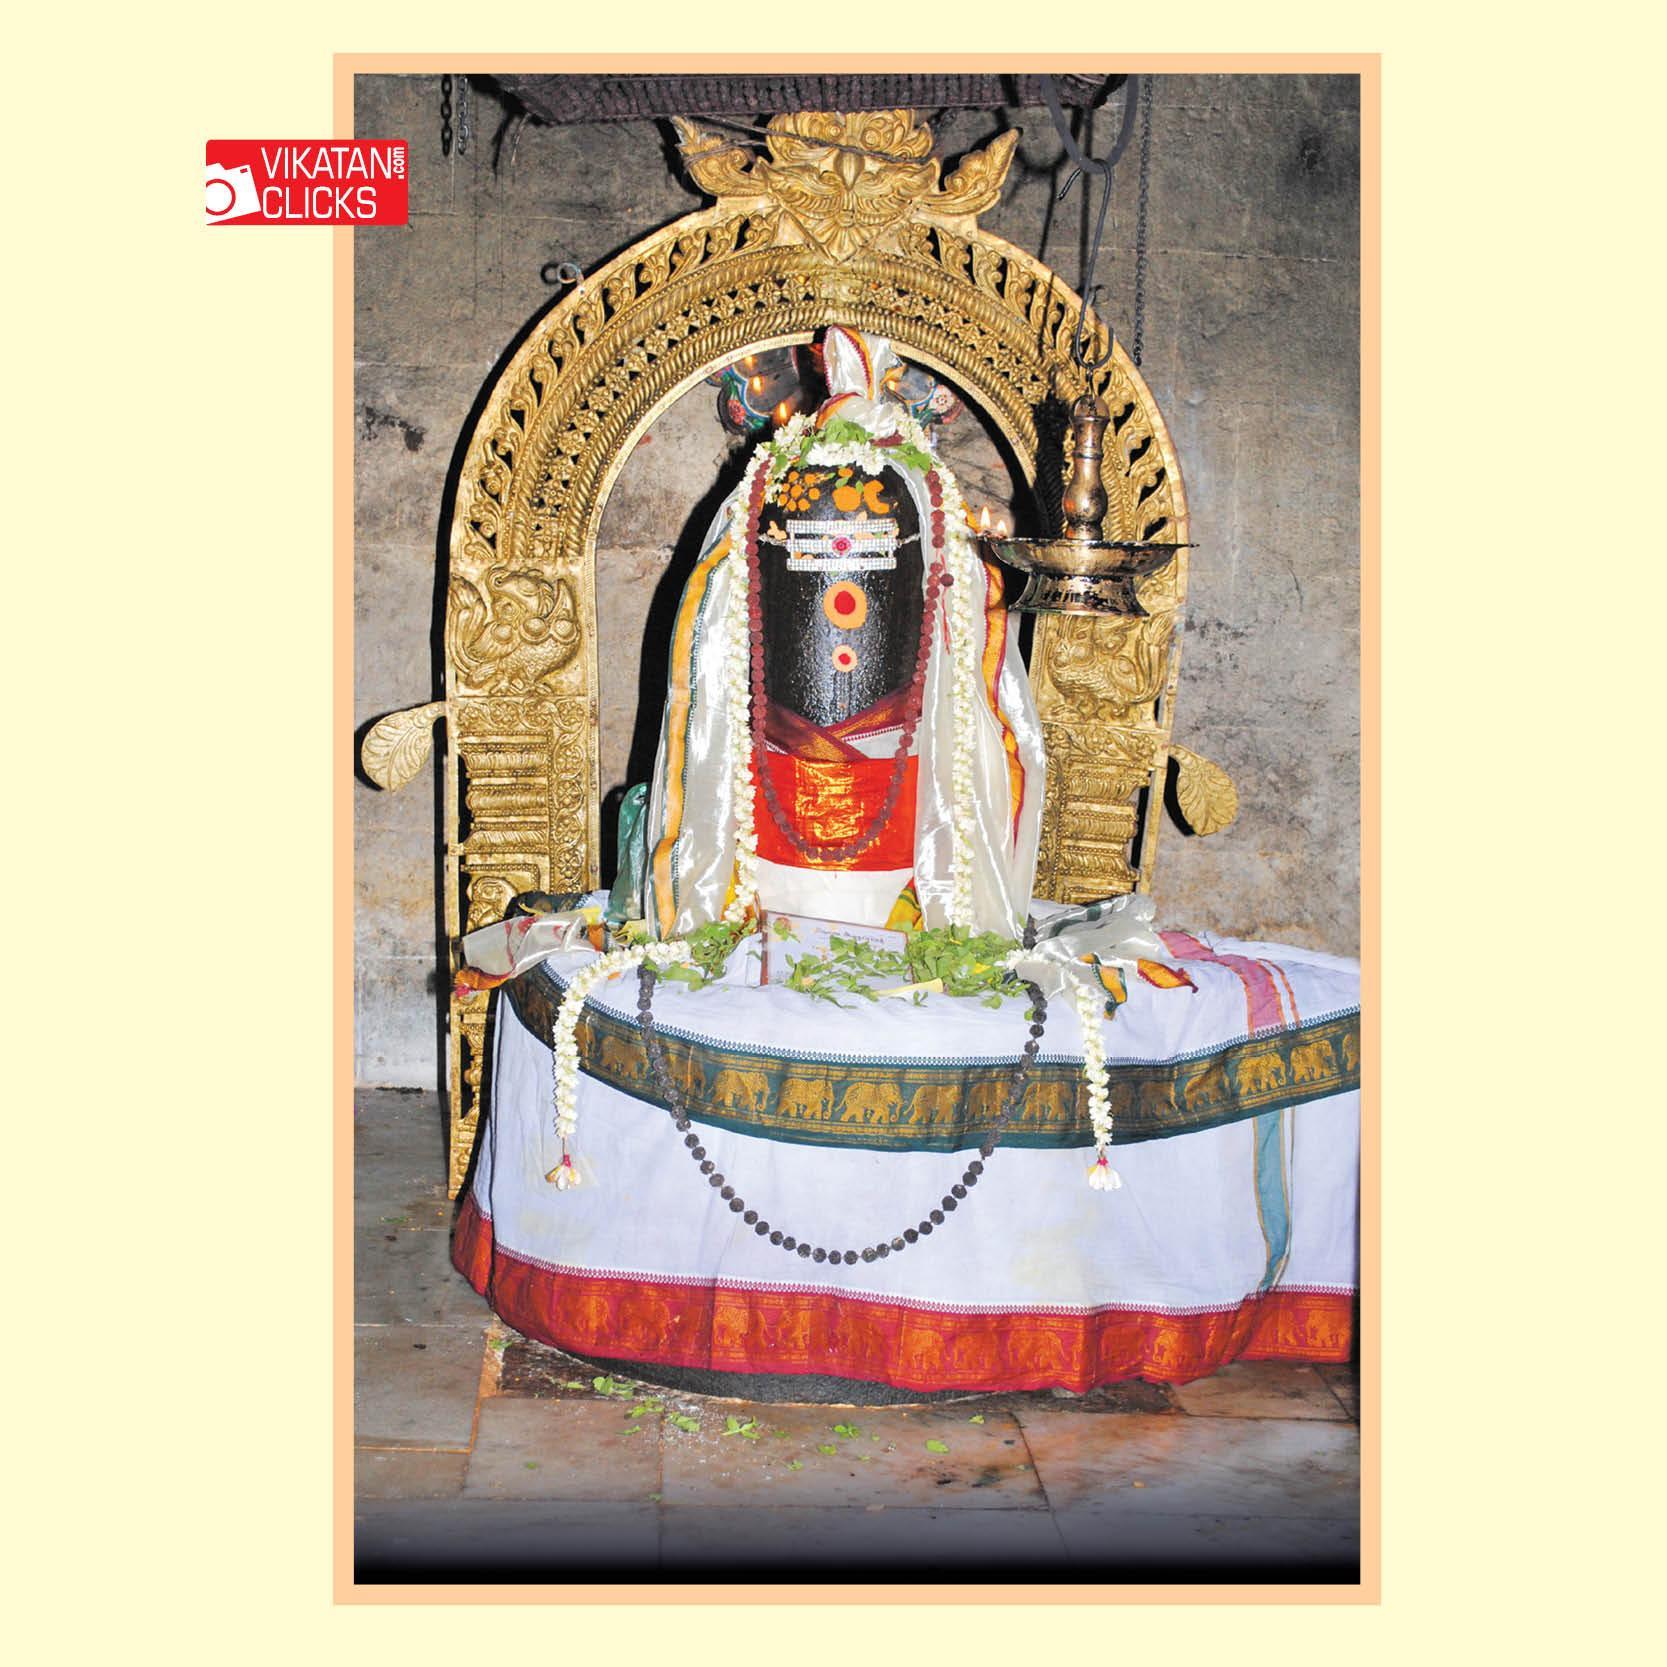 திருச்சேறை ஸ்ரீசாரபரமேஸ்வரர்